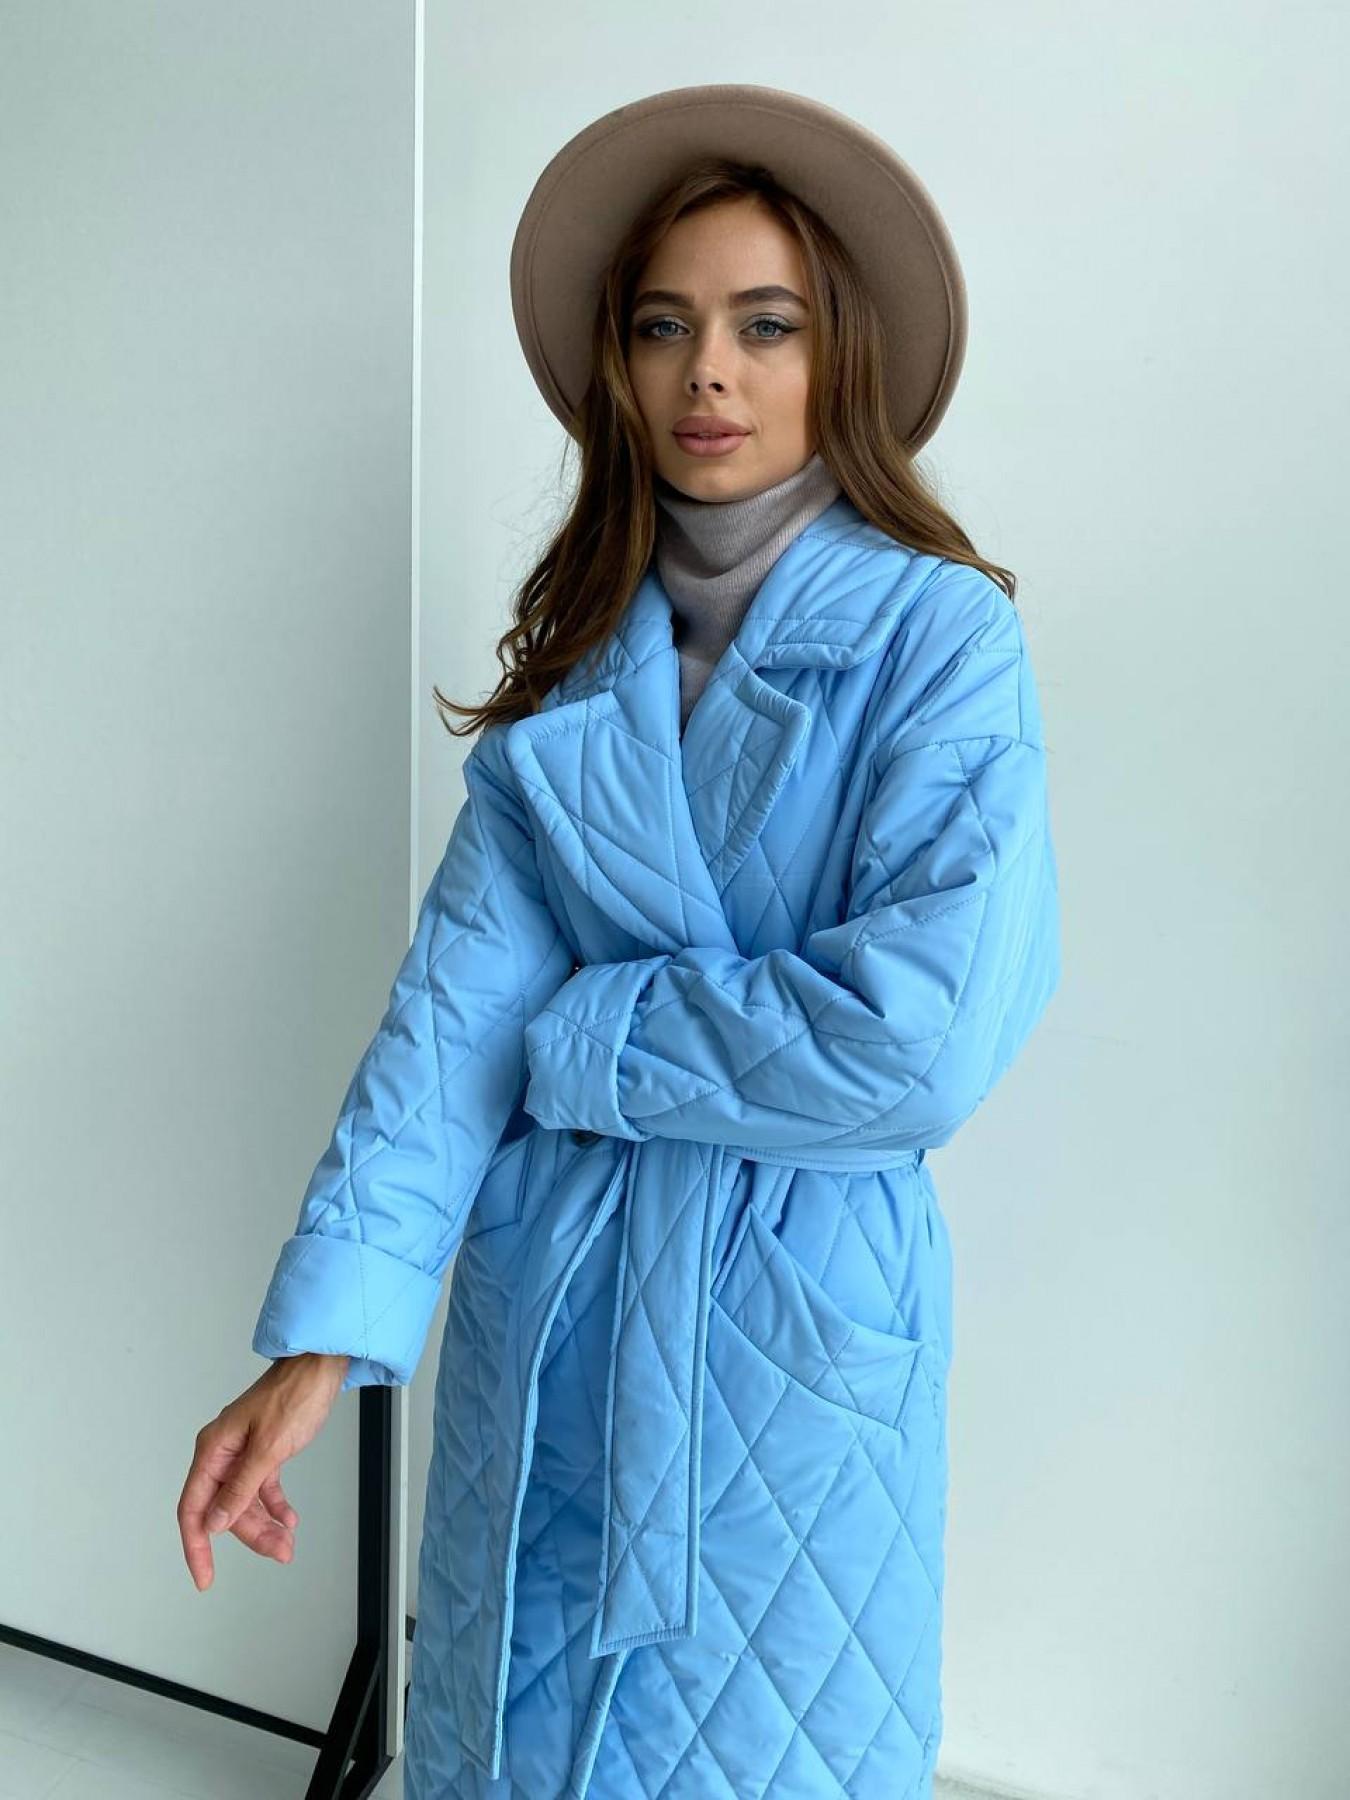 Хаски пальто из стеганой плащевки в ромб 11697 АРТ. 48491 Цвет: Голубой - фото 3, интернет магазин tm-modus.ru